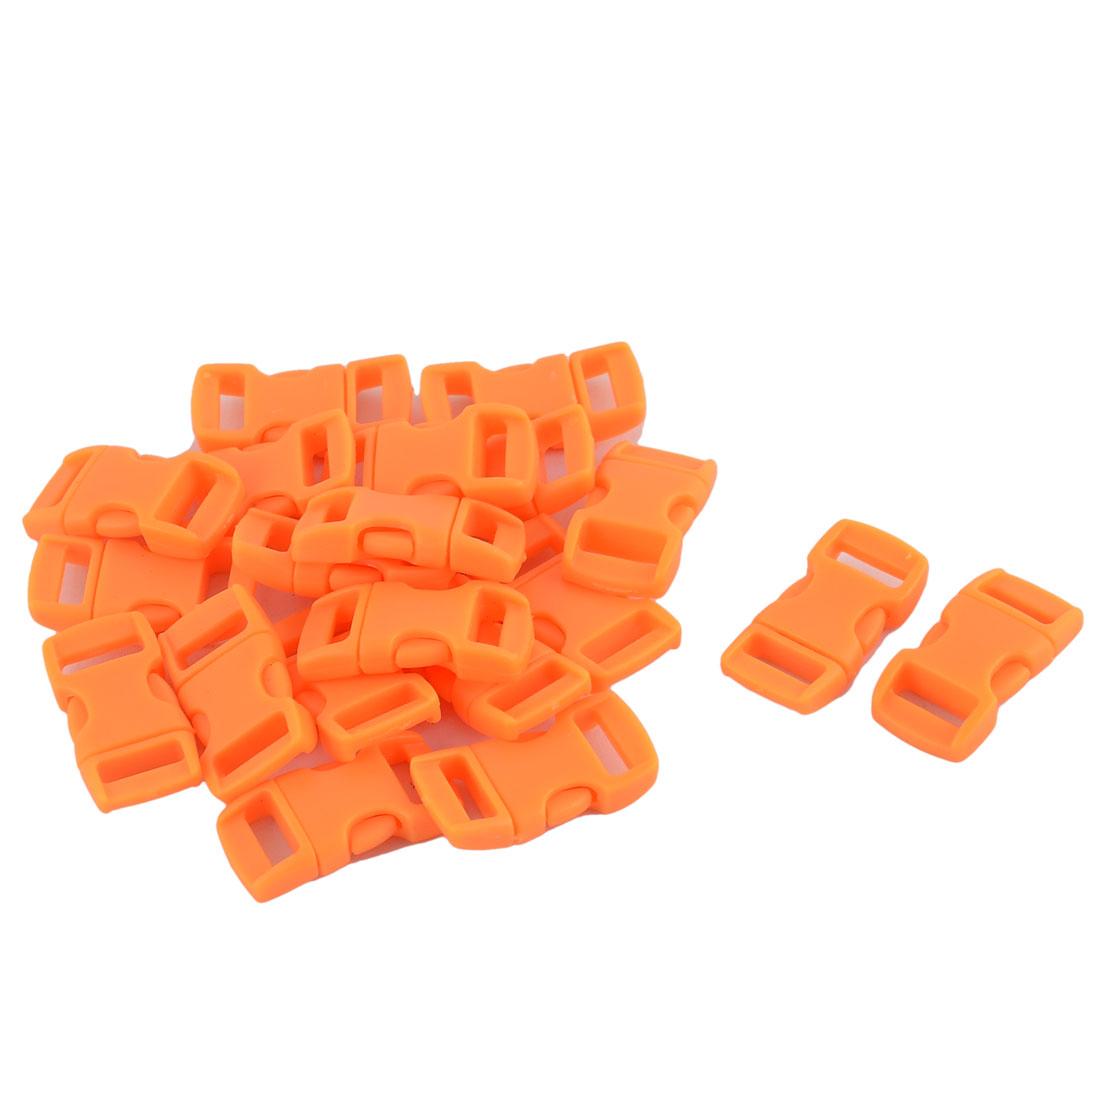 Handbag Plastic Curved Side Release Buckles 10mm Webbing Slot Light Orange 20Pcs